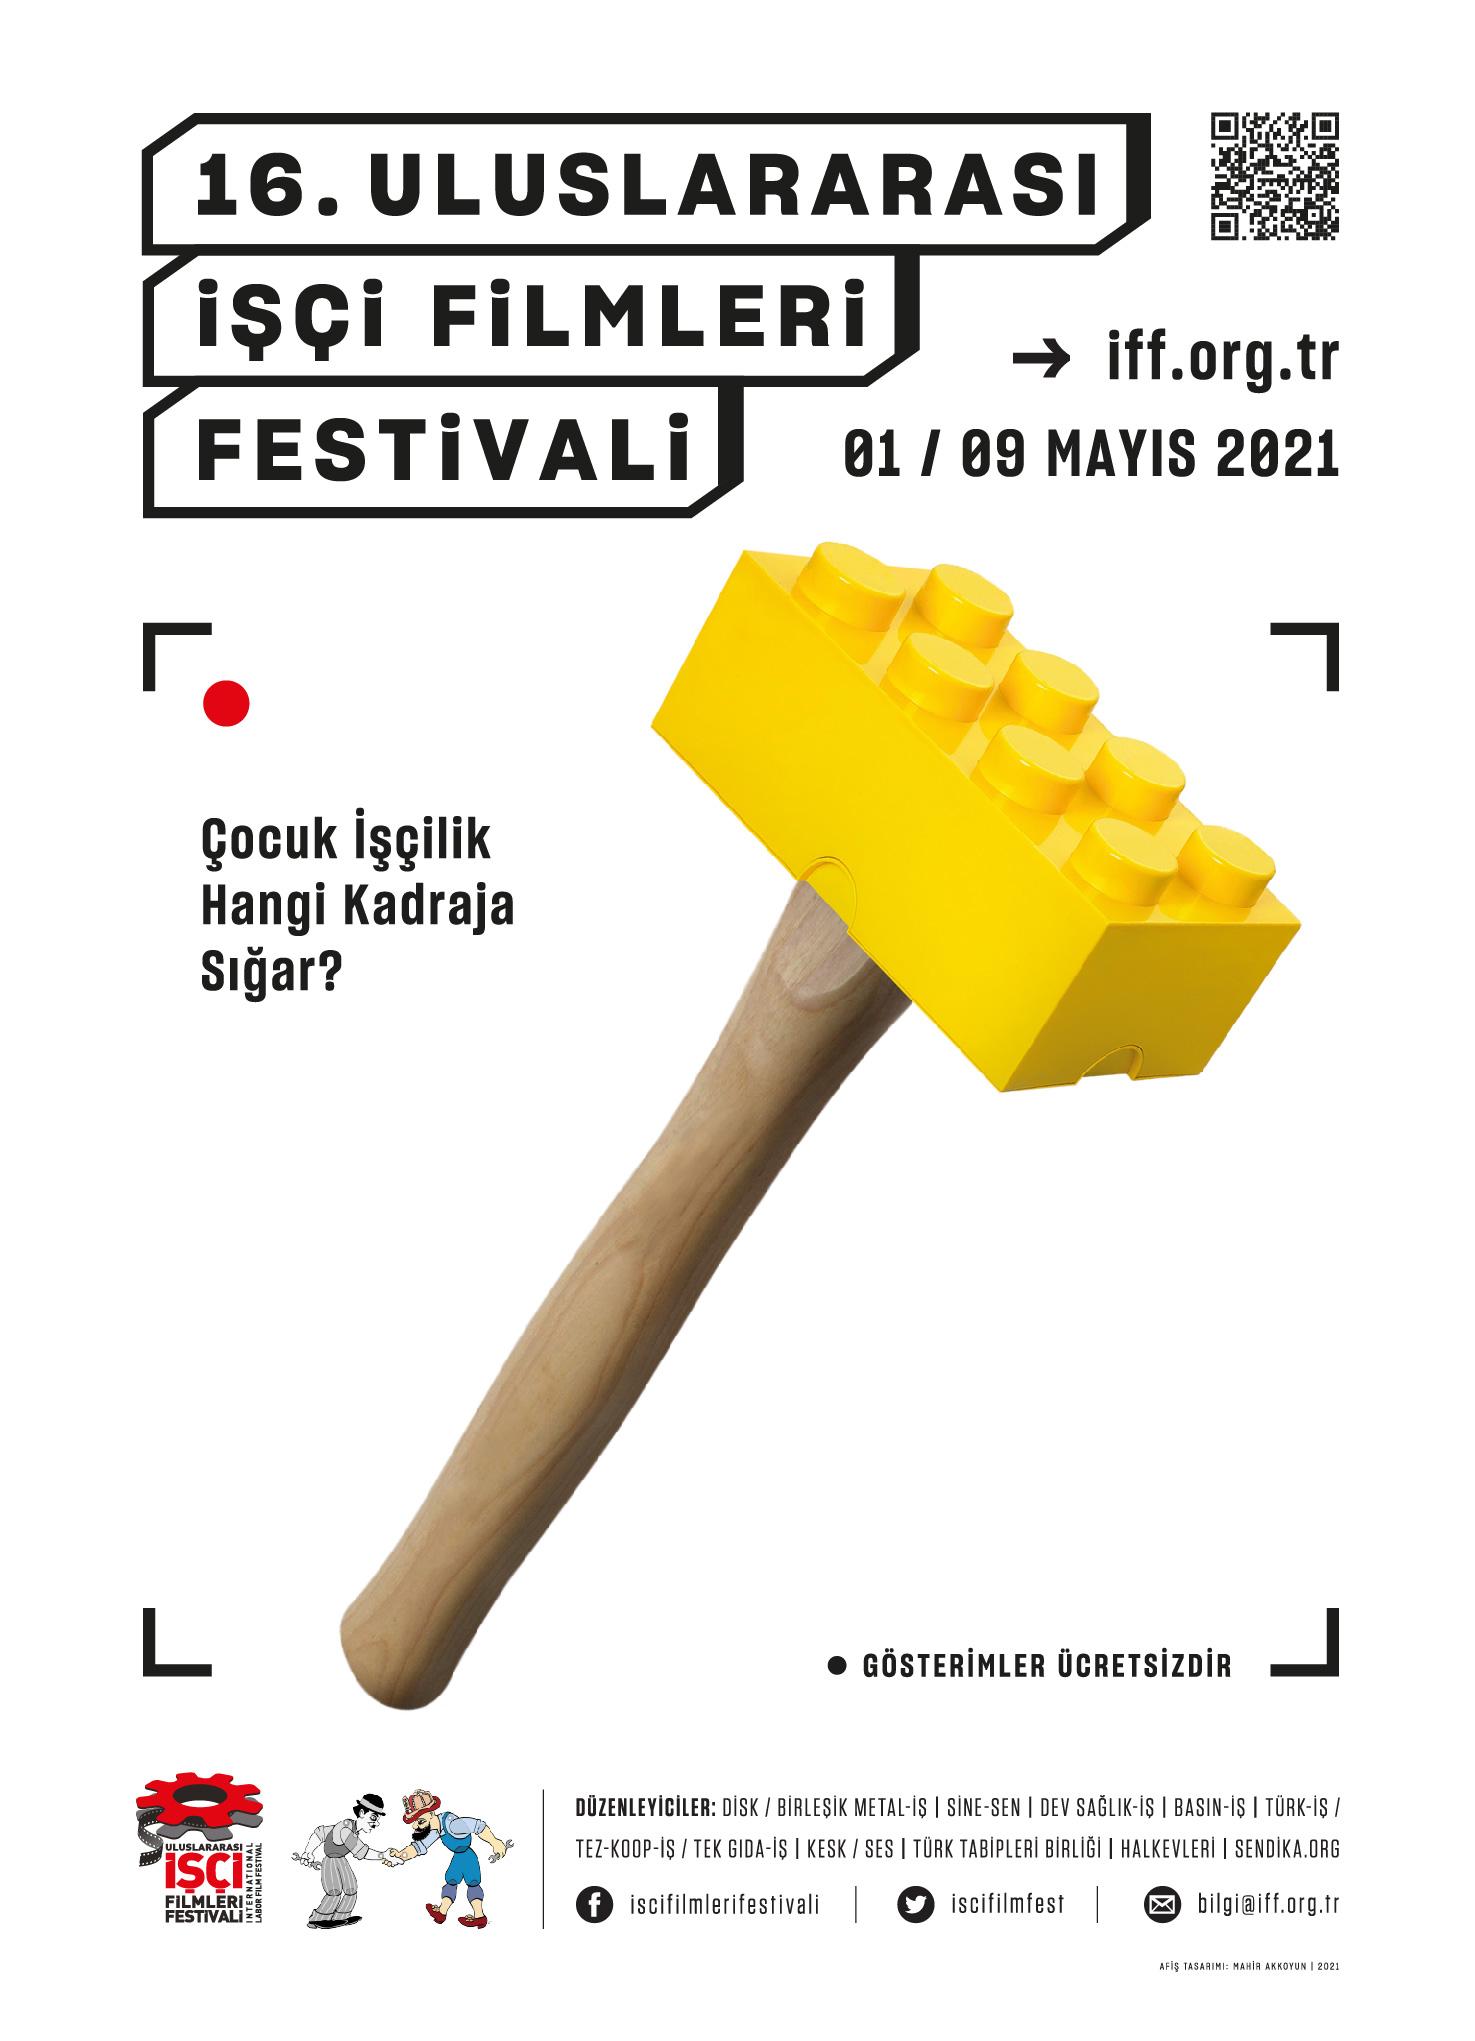 16 uluslararası işçi filmleri festivali çocuk işçiler